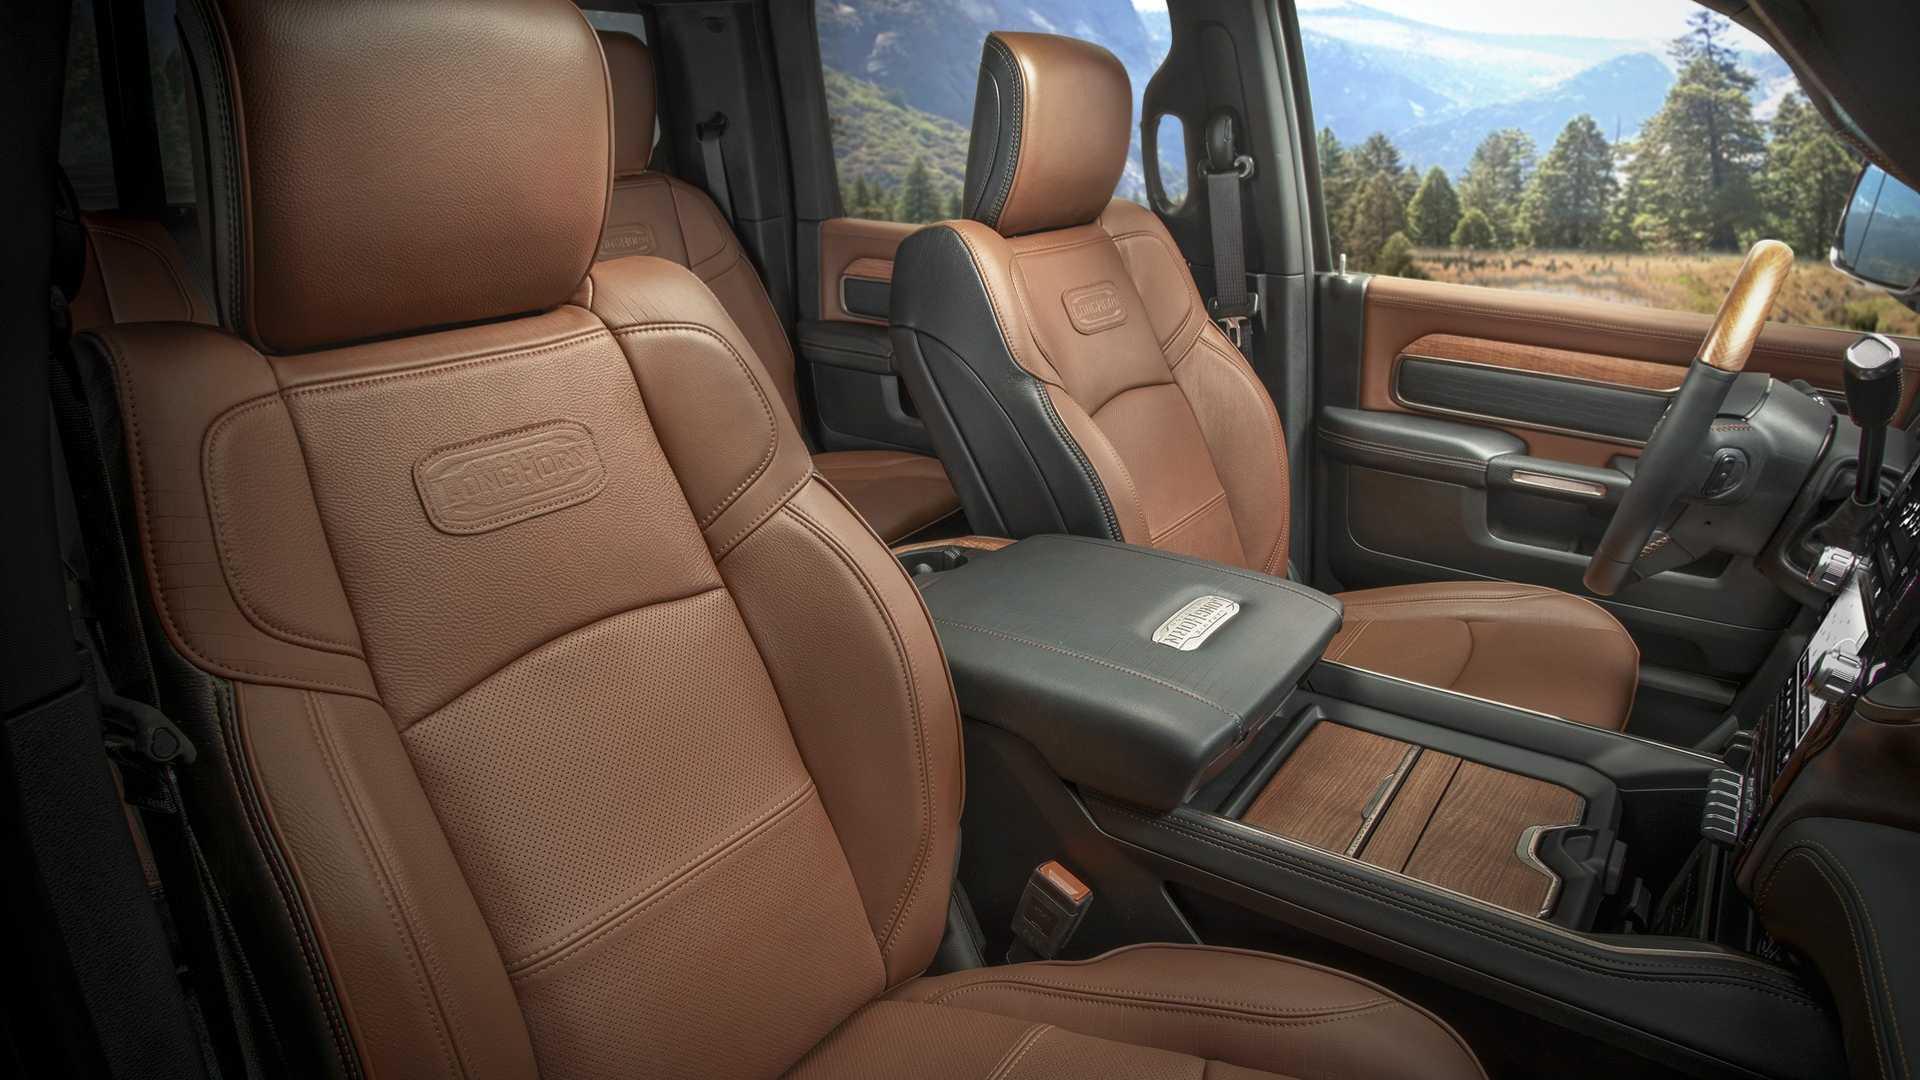 2019-ram-heavy-duty-interior (71)